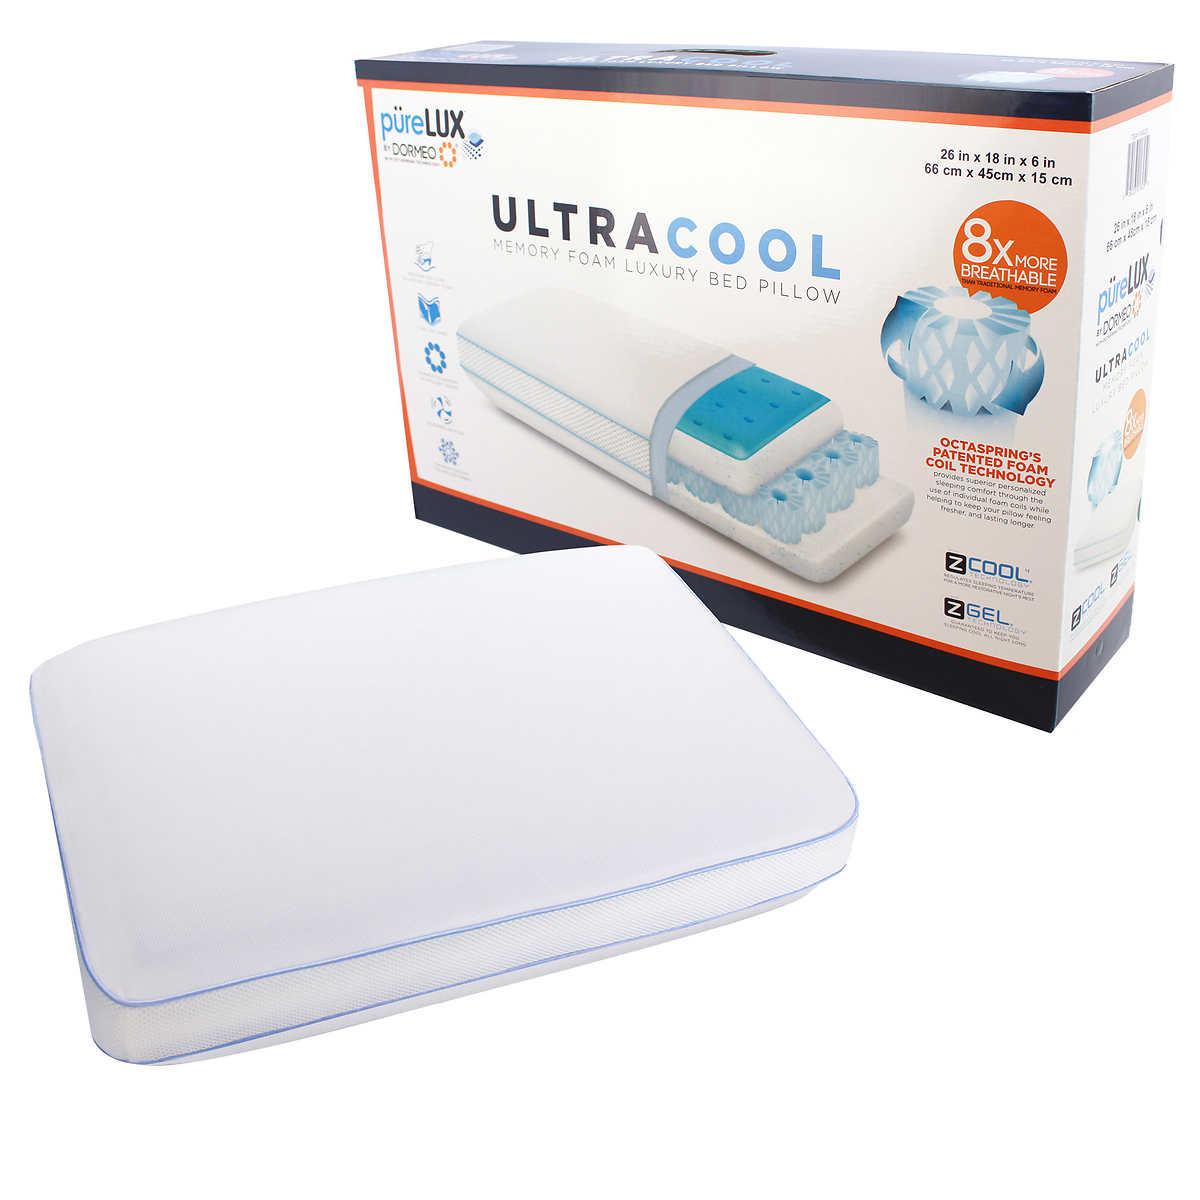 PüreLUX UltraCool Dormeo Memory Foam Pillow